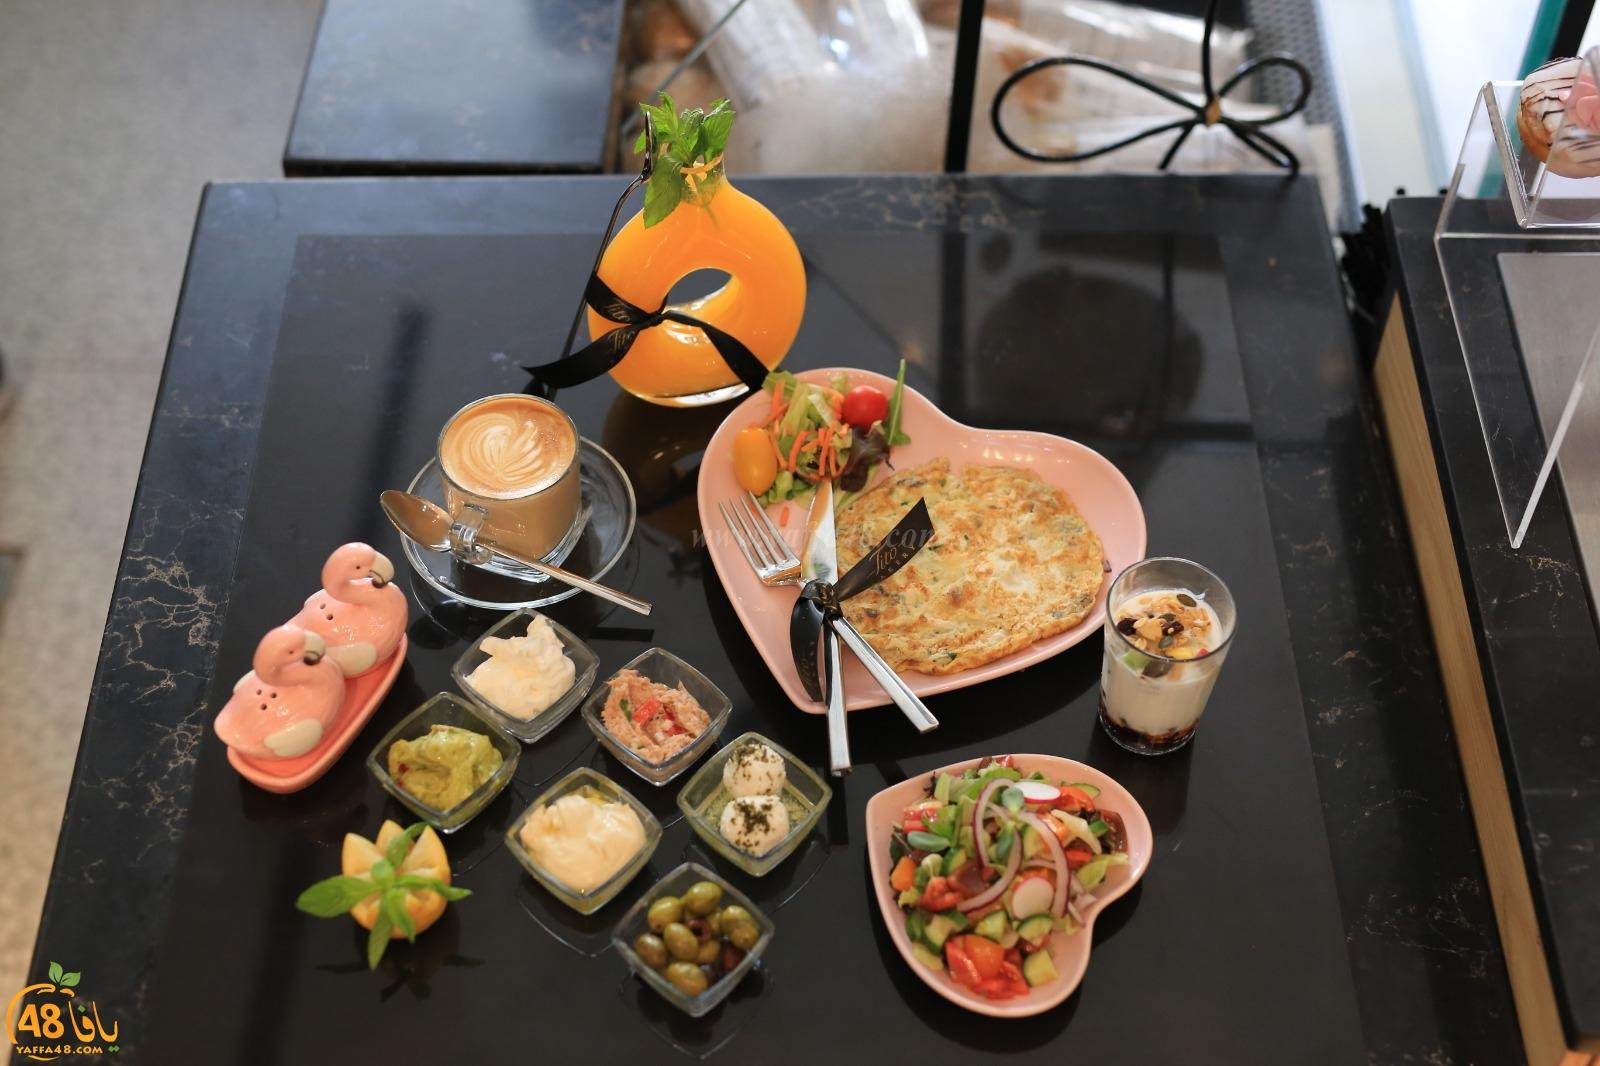 وجبات الافطار بطعم مختلف مع مقهى تيتو في مدينة يافا